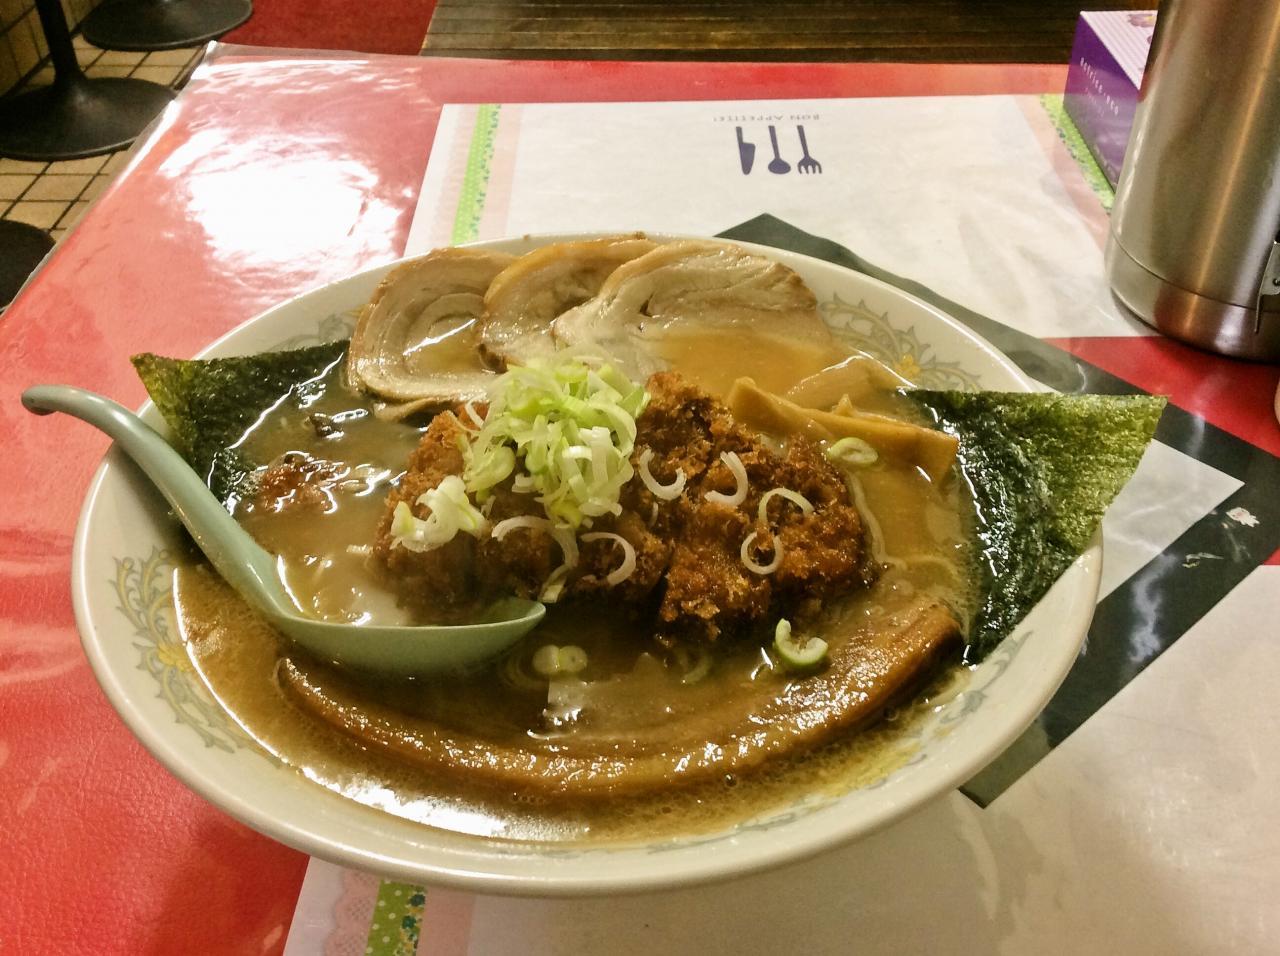 お肉屋さんのラーメン家生治ミート(三匹の子豚麺)